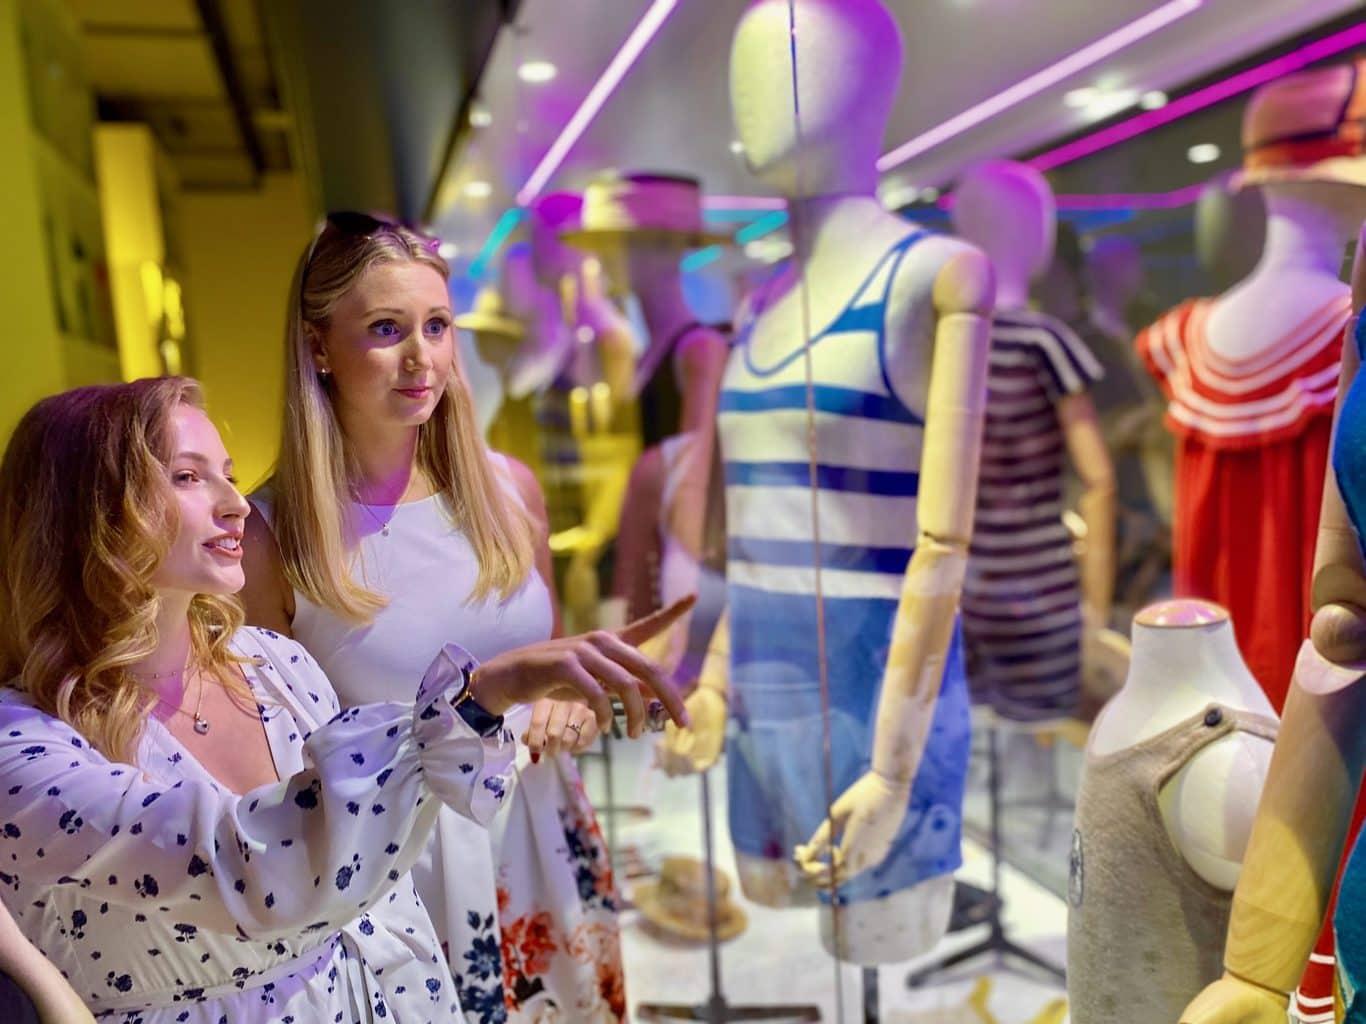 Zwei junge Damen blicken interessiert auf Exponate im BikiniArtMuseum wobei es sich um Bademode vergangener Zeiten handelt